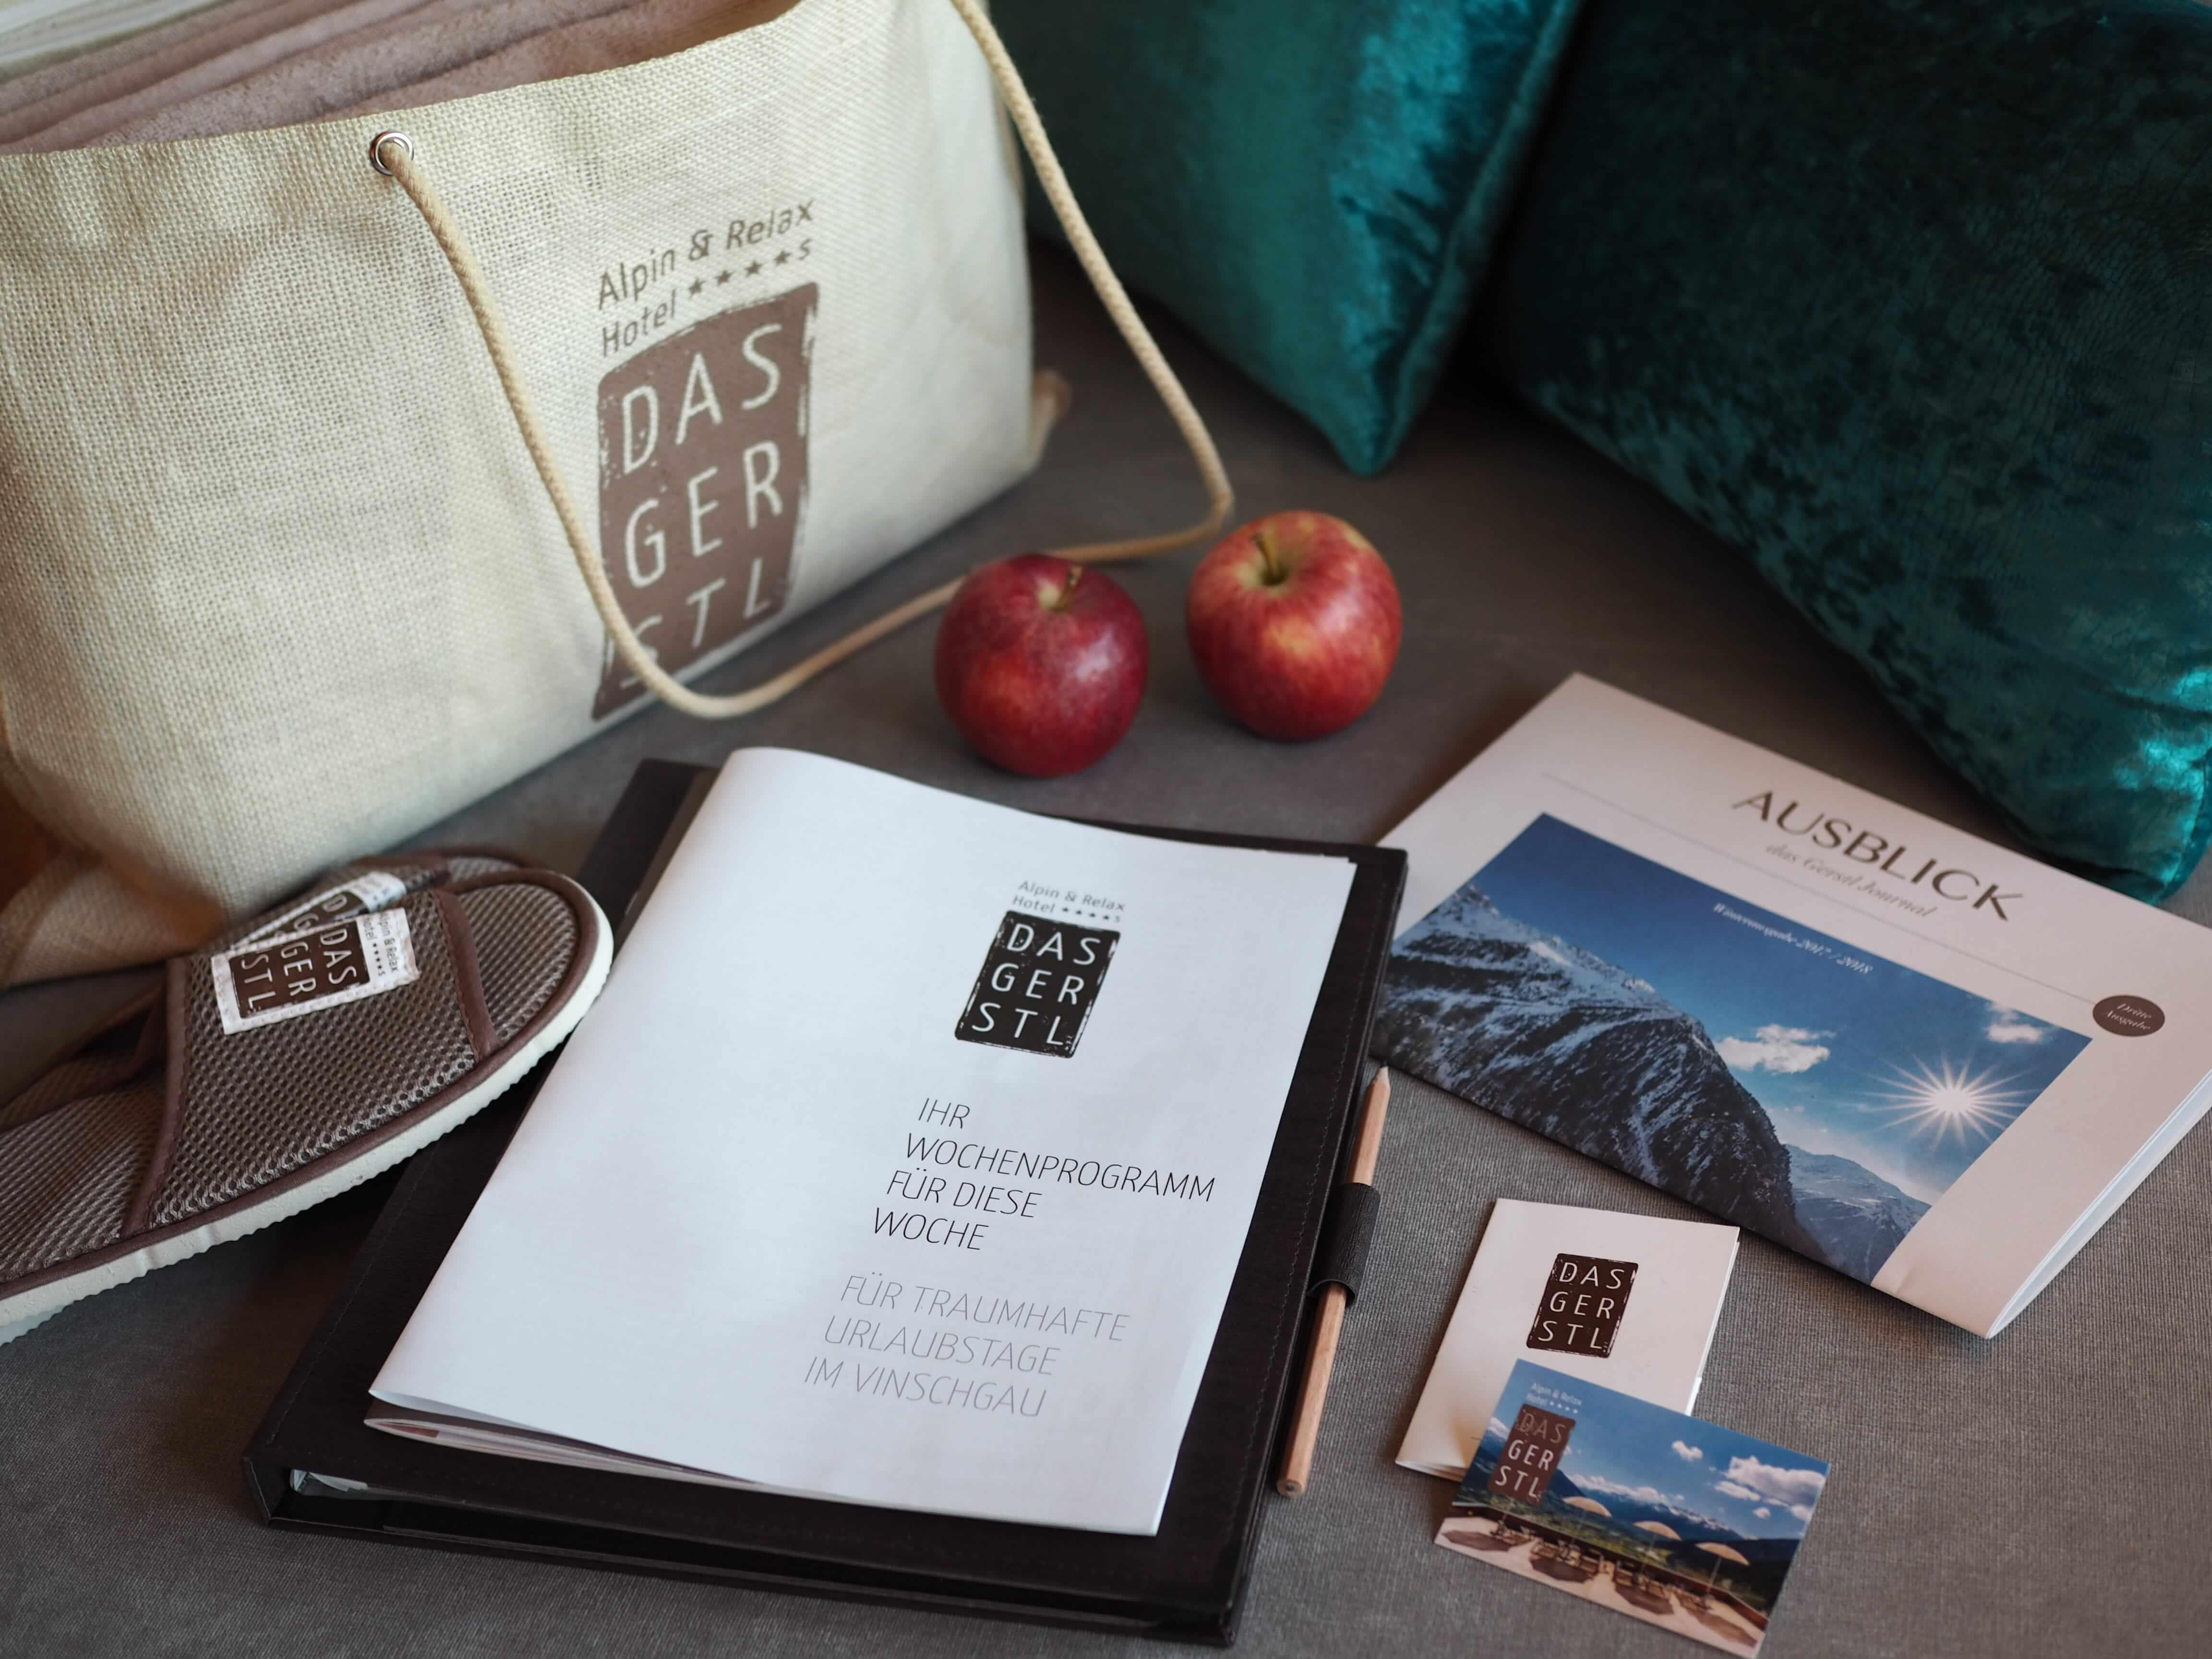 Winterurlaub, Reisen, Travelblogger, Reisebericht, Alpin Relax Hotel das Gerstl, Katefully, Südtirol, Wellness, Wandern, Skifahren, Schnee